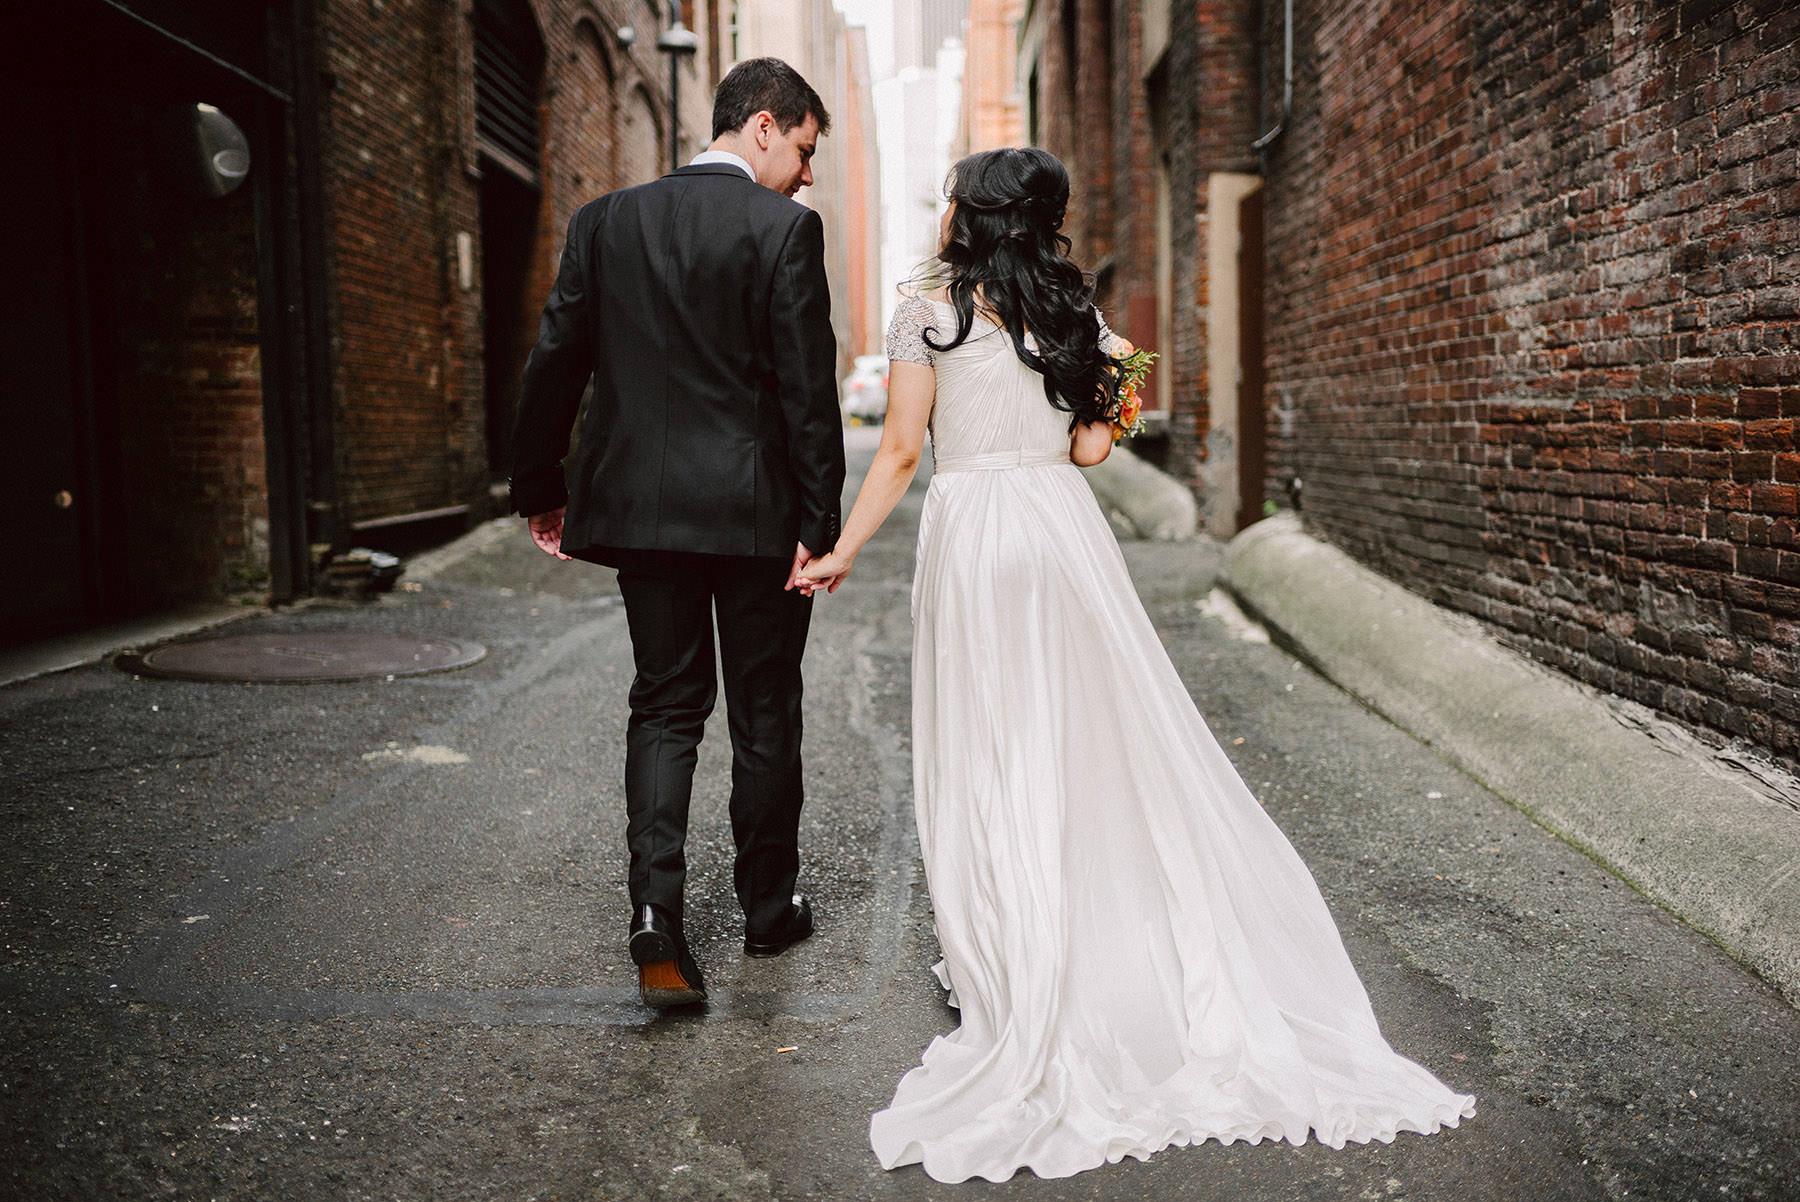 A wedding couple holds hands a walks through a backyard alley.